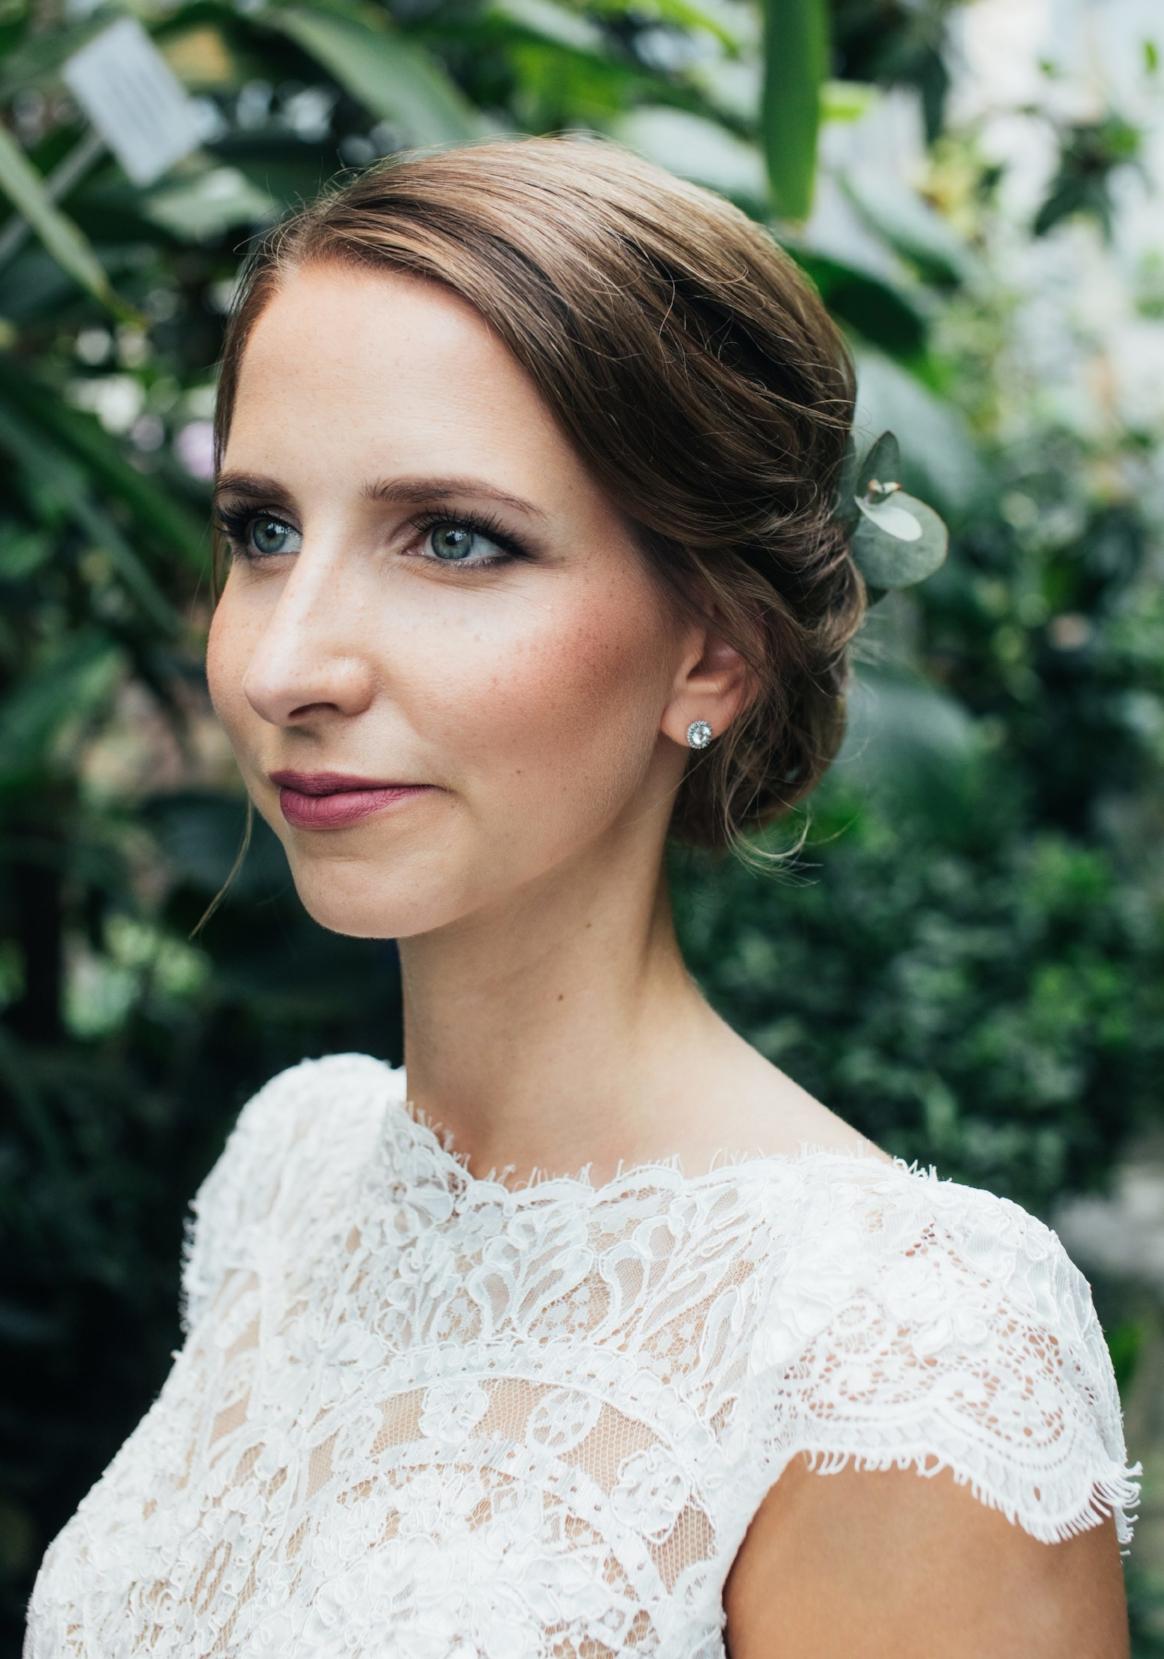 Häämeikki: Satu Huikko  Hääkampaus: Sabina Laine  Kuvaaja: Vilja Harala